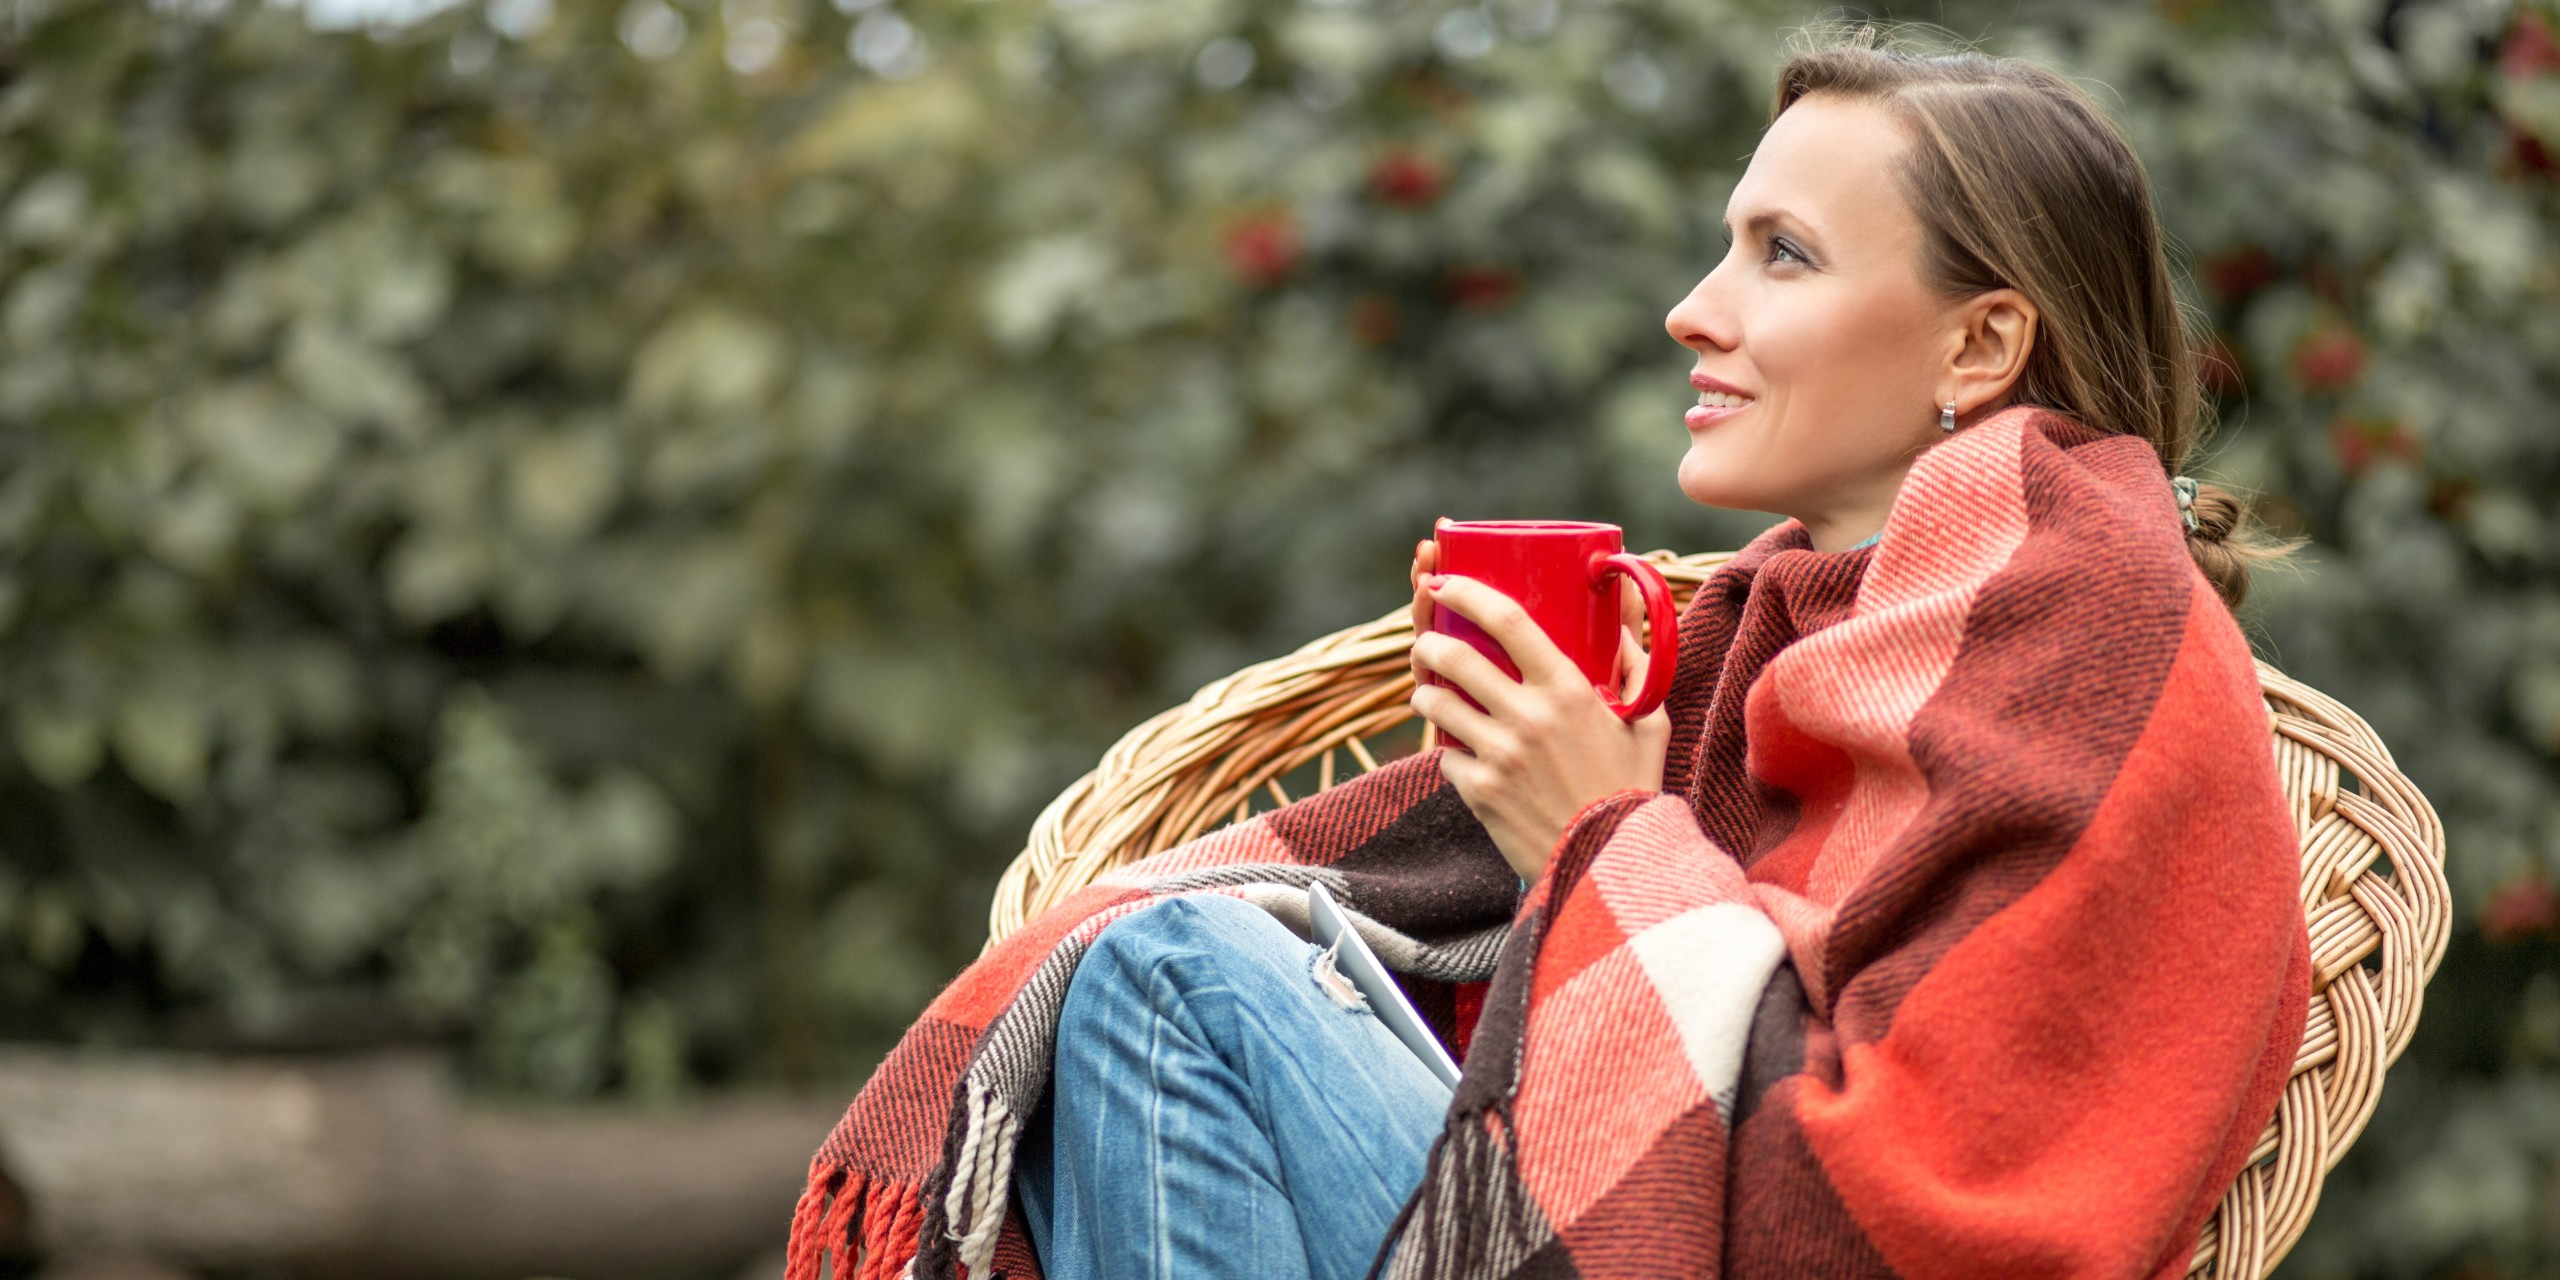 Frau sitzt draußen auf einem Rattanstuhl, eingehüllt in eine Decke, mit einer roten Tasse in beiden Händen.